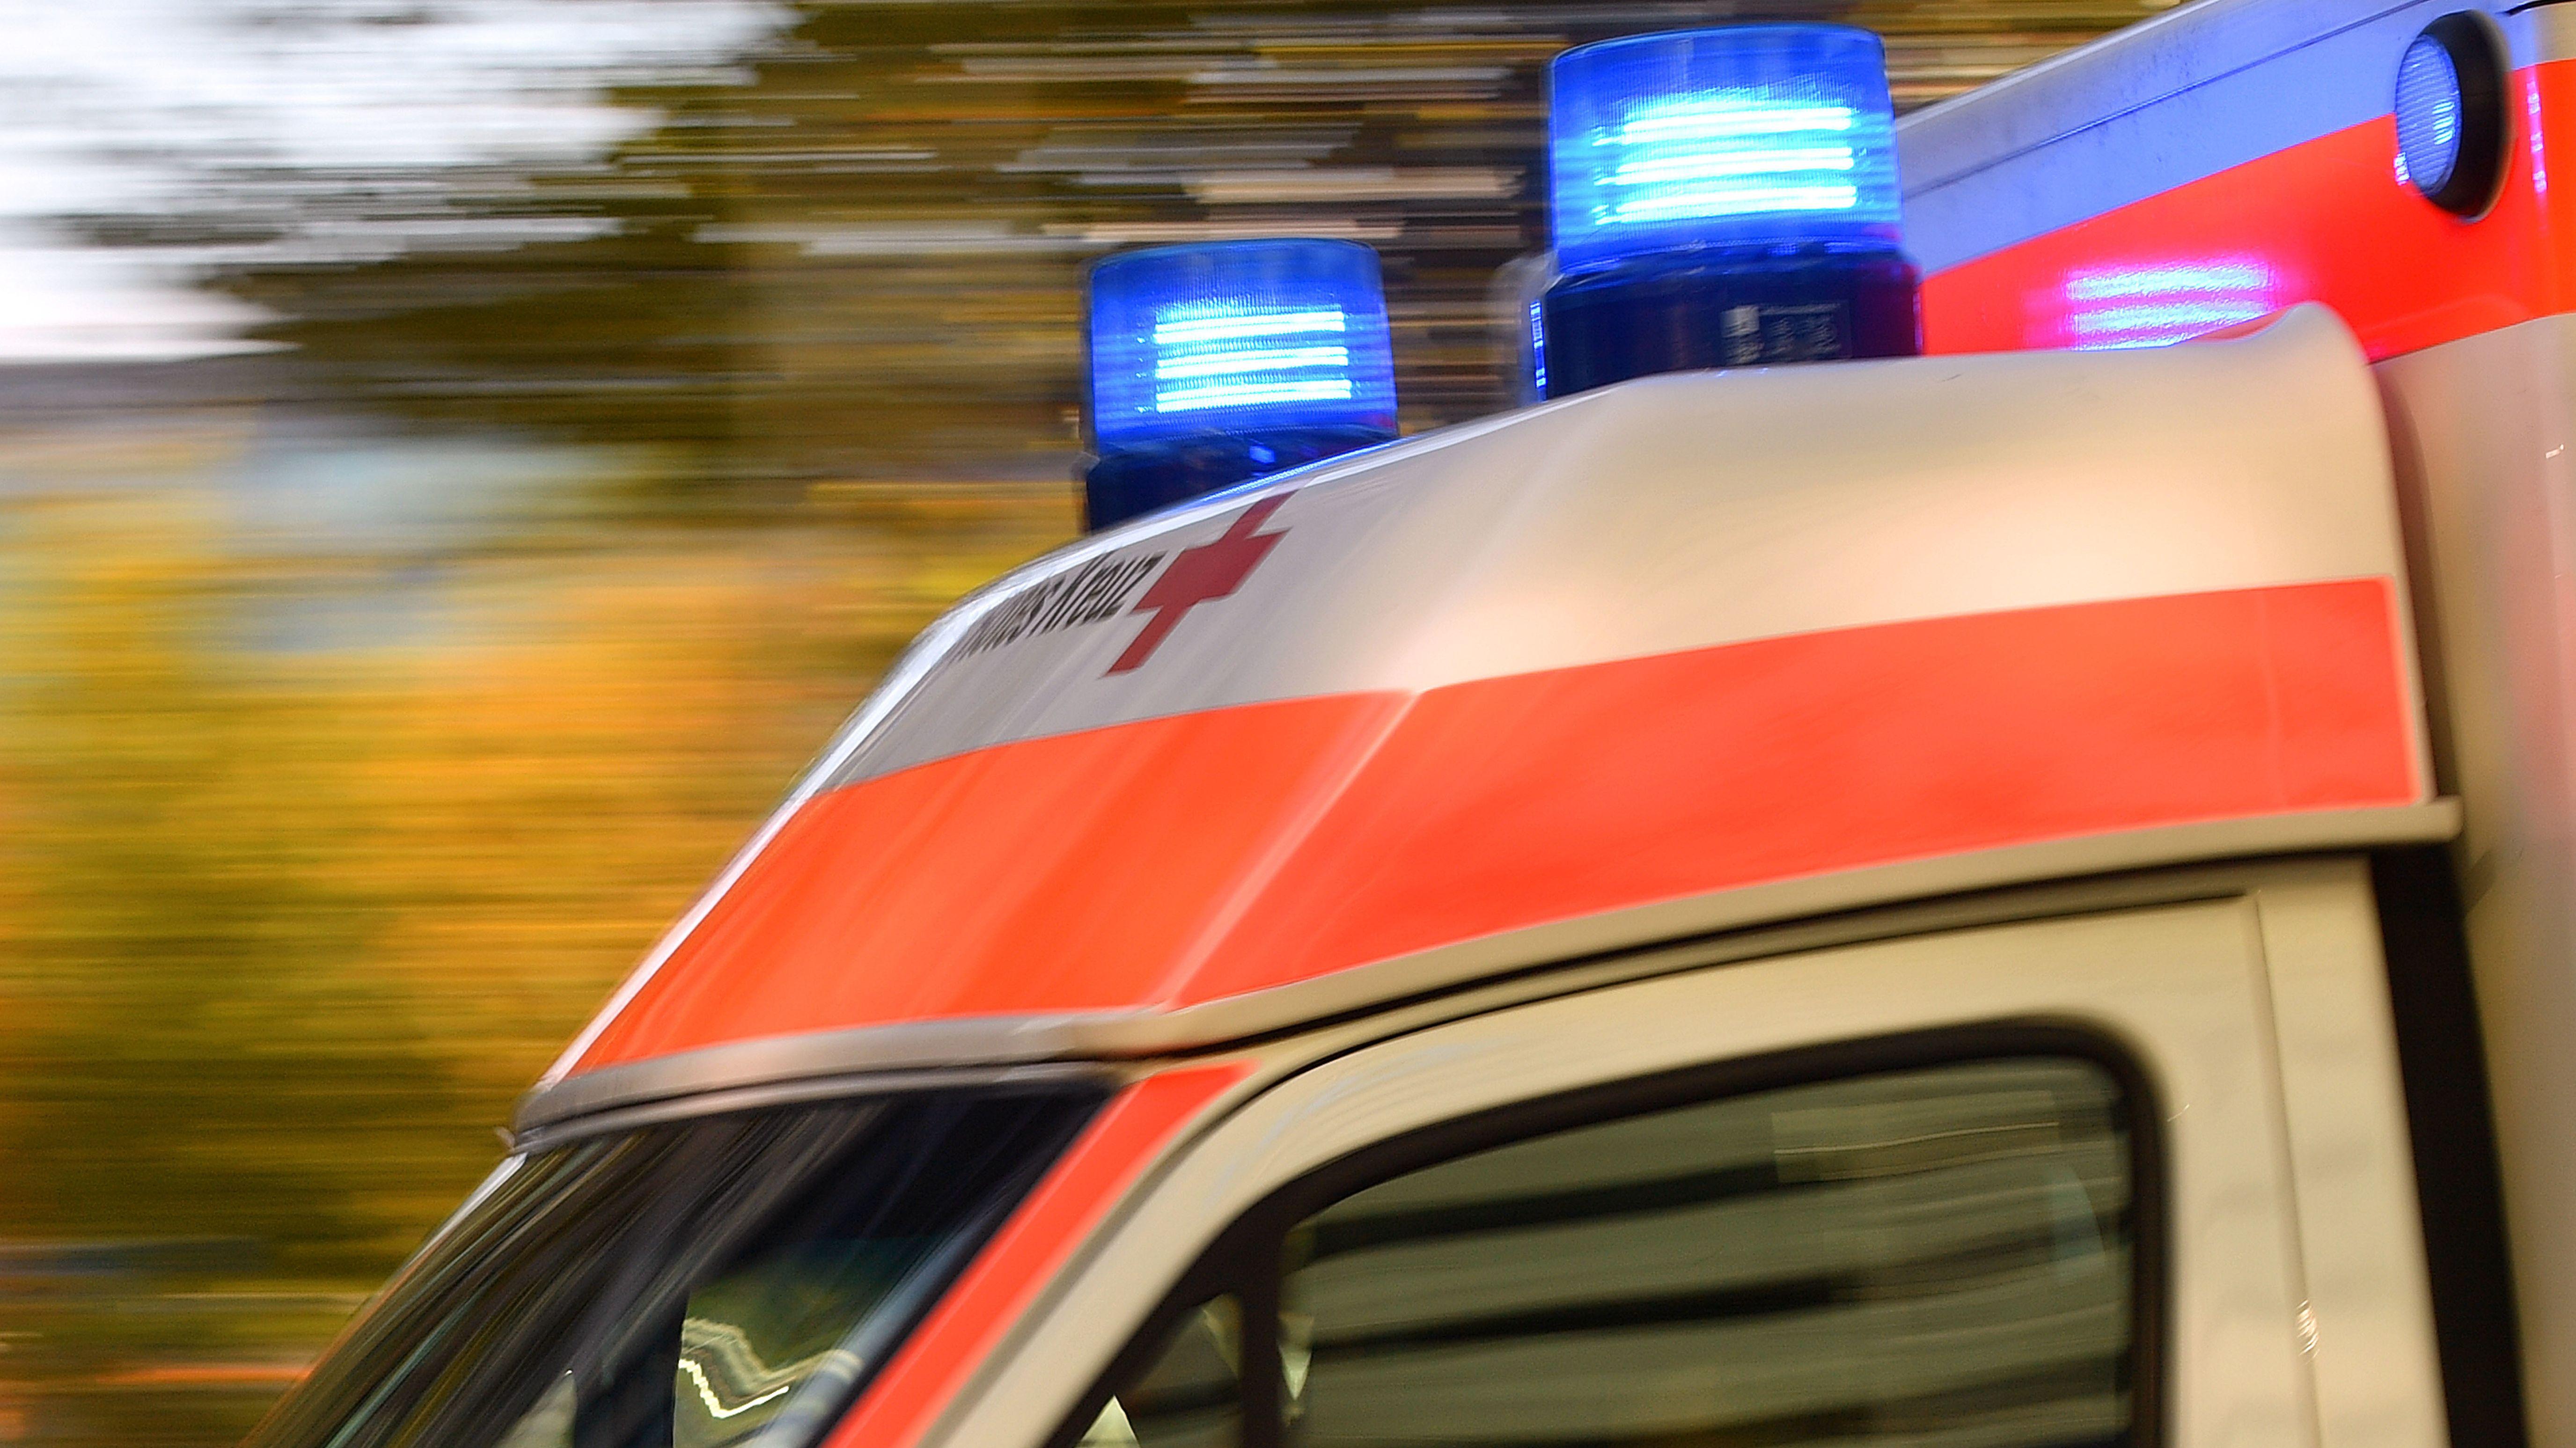 Rettungswagen auf Einsatzfahrt (Symbolbild)